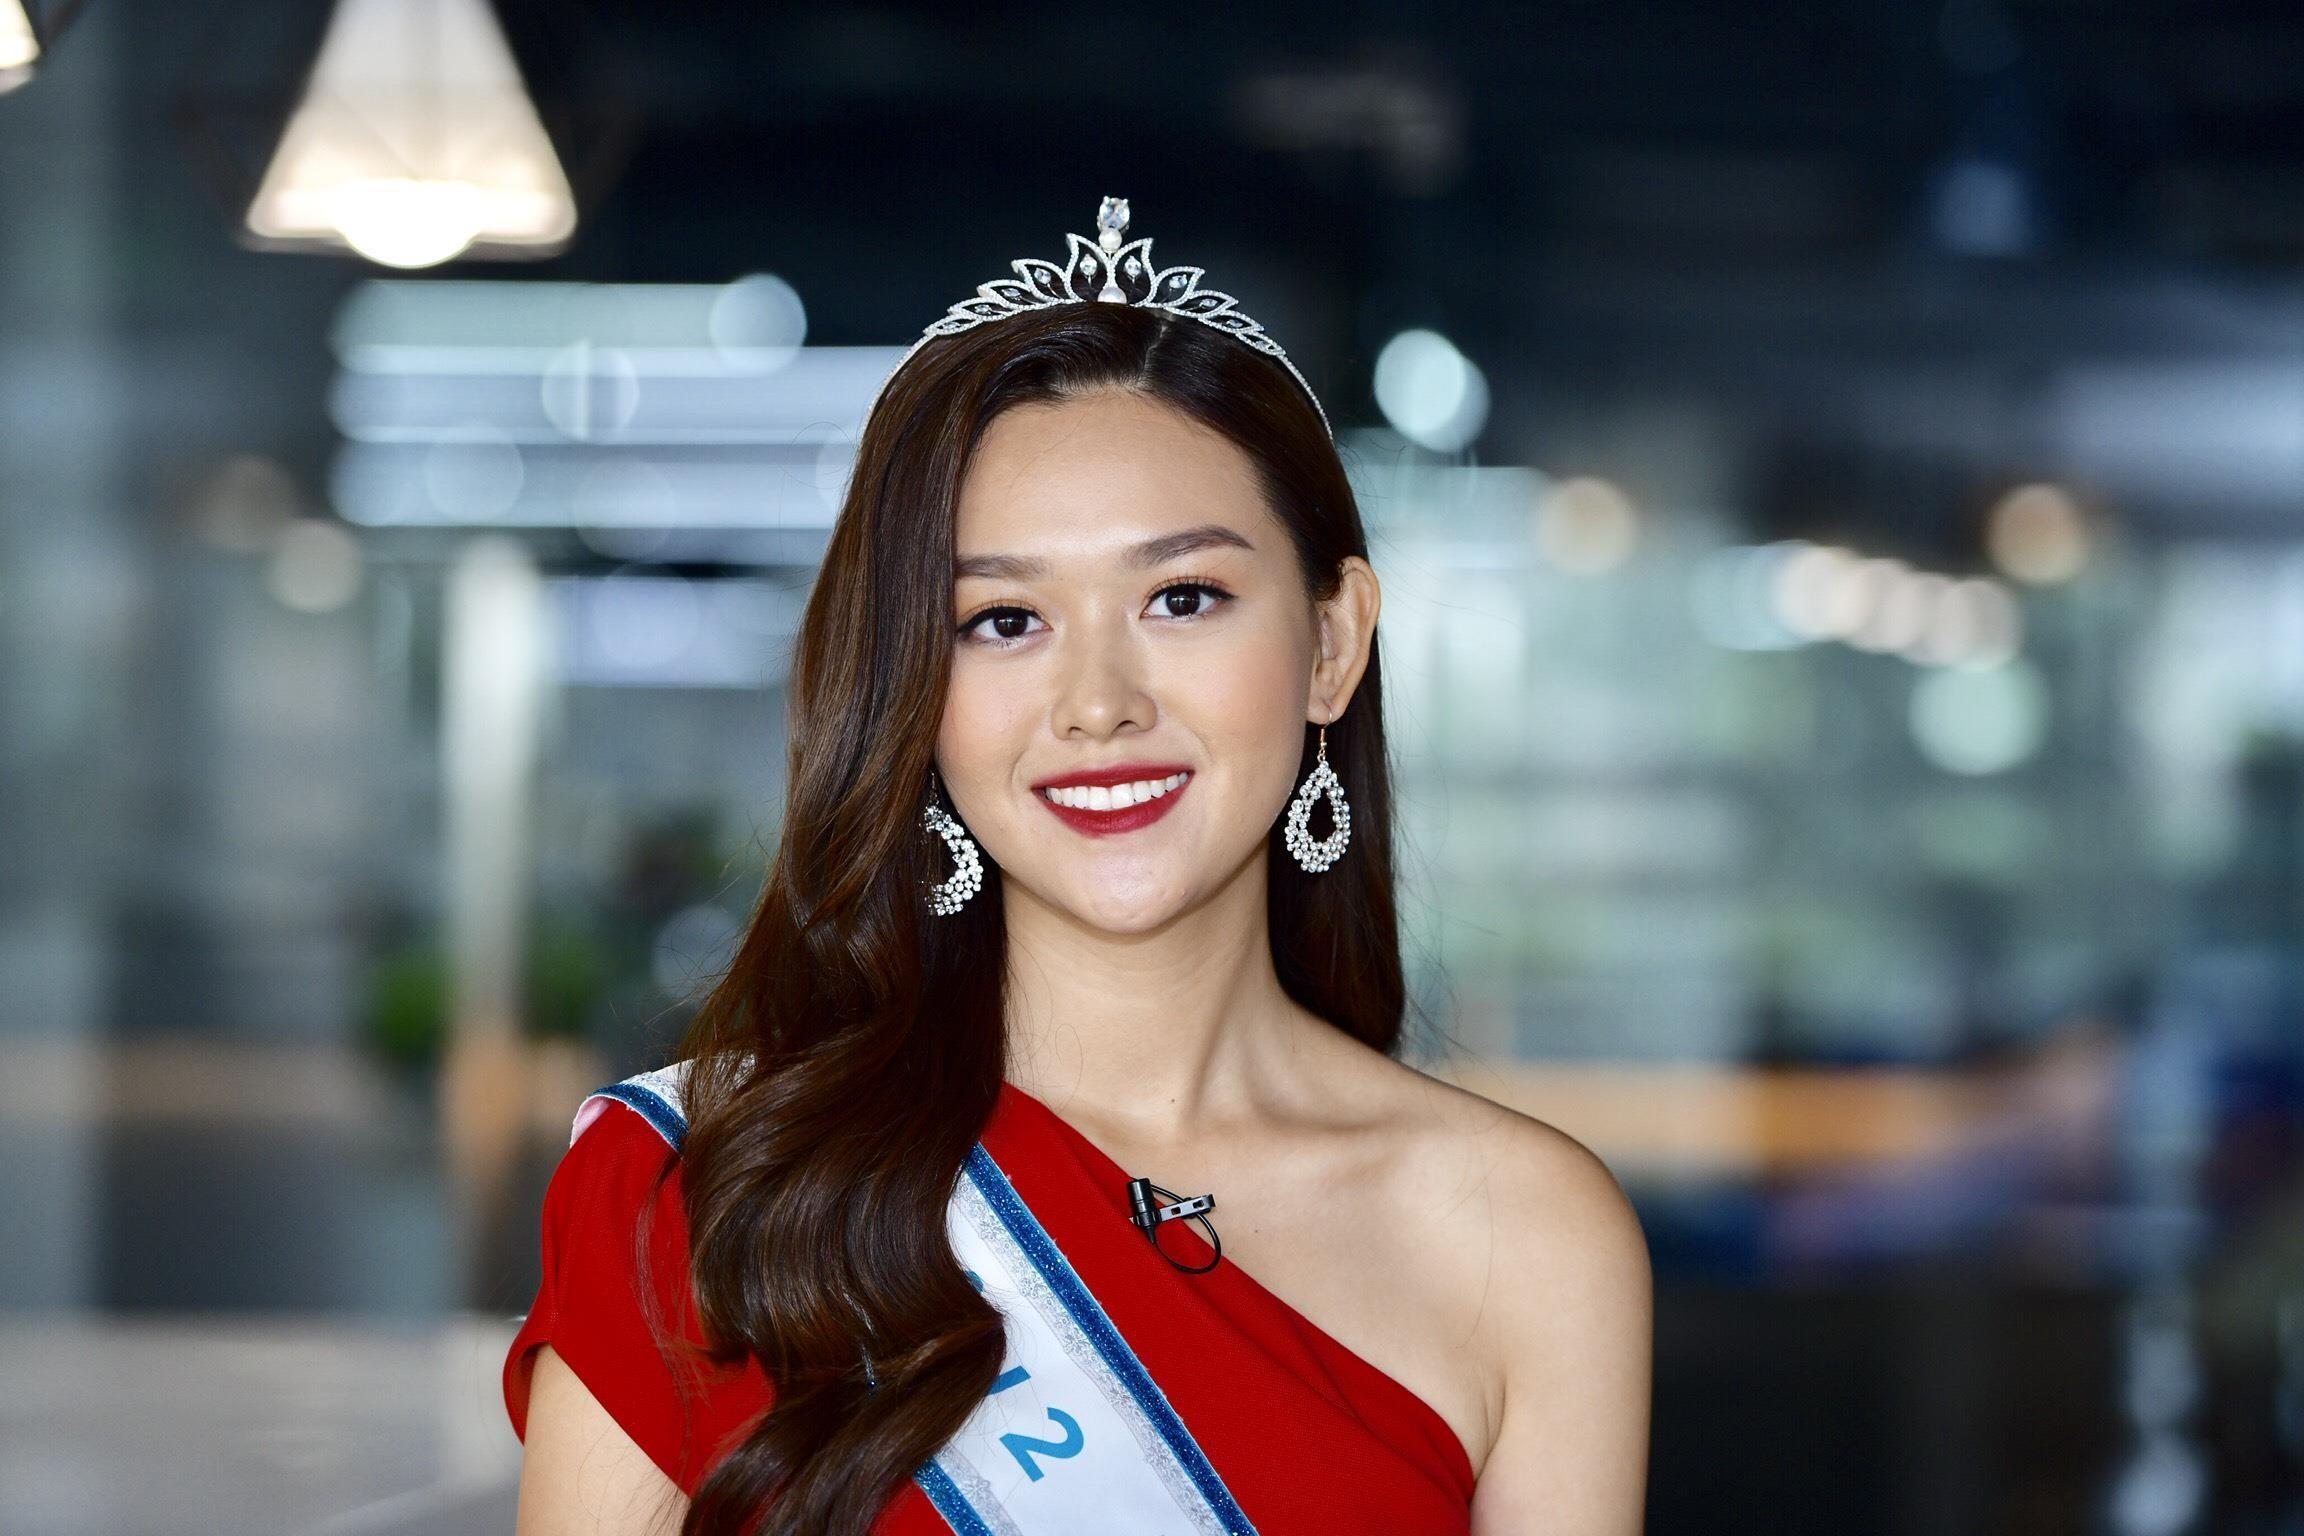 Hoa hau The gioi Viet Nam 2019 anh 5